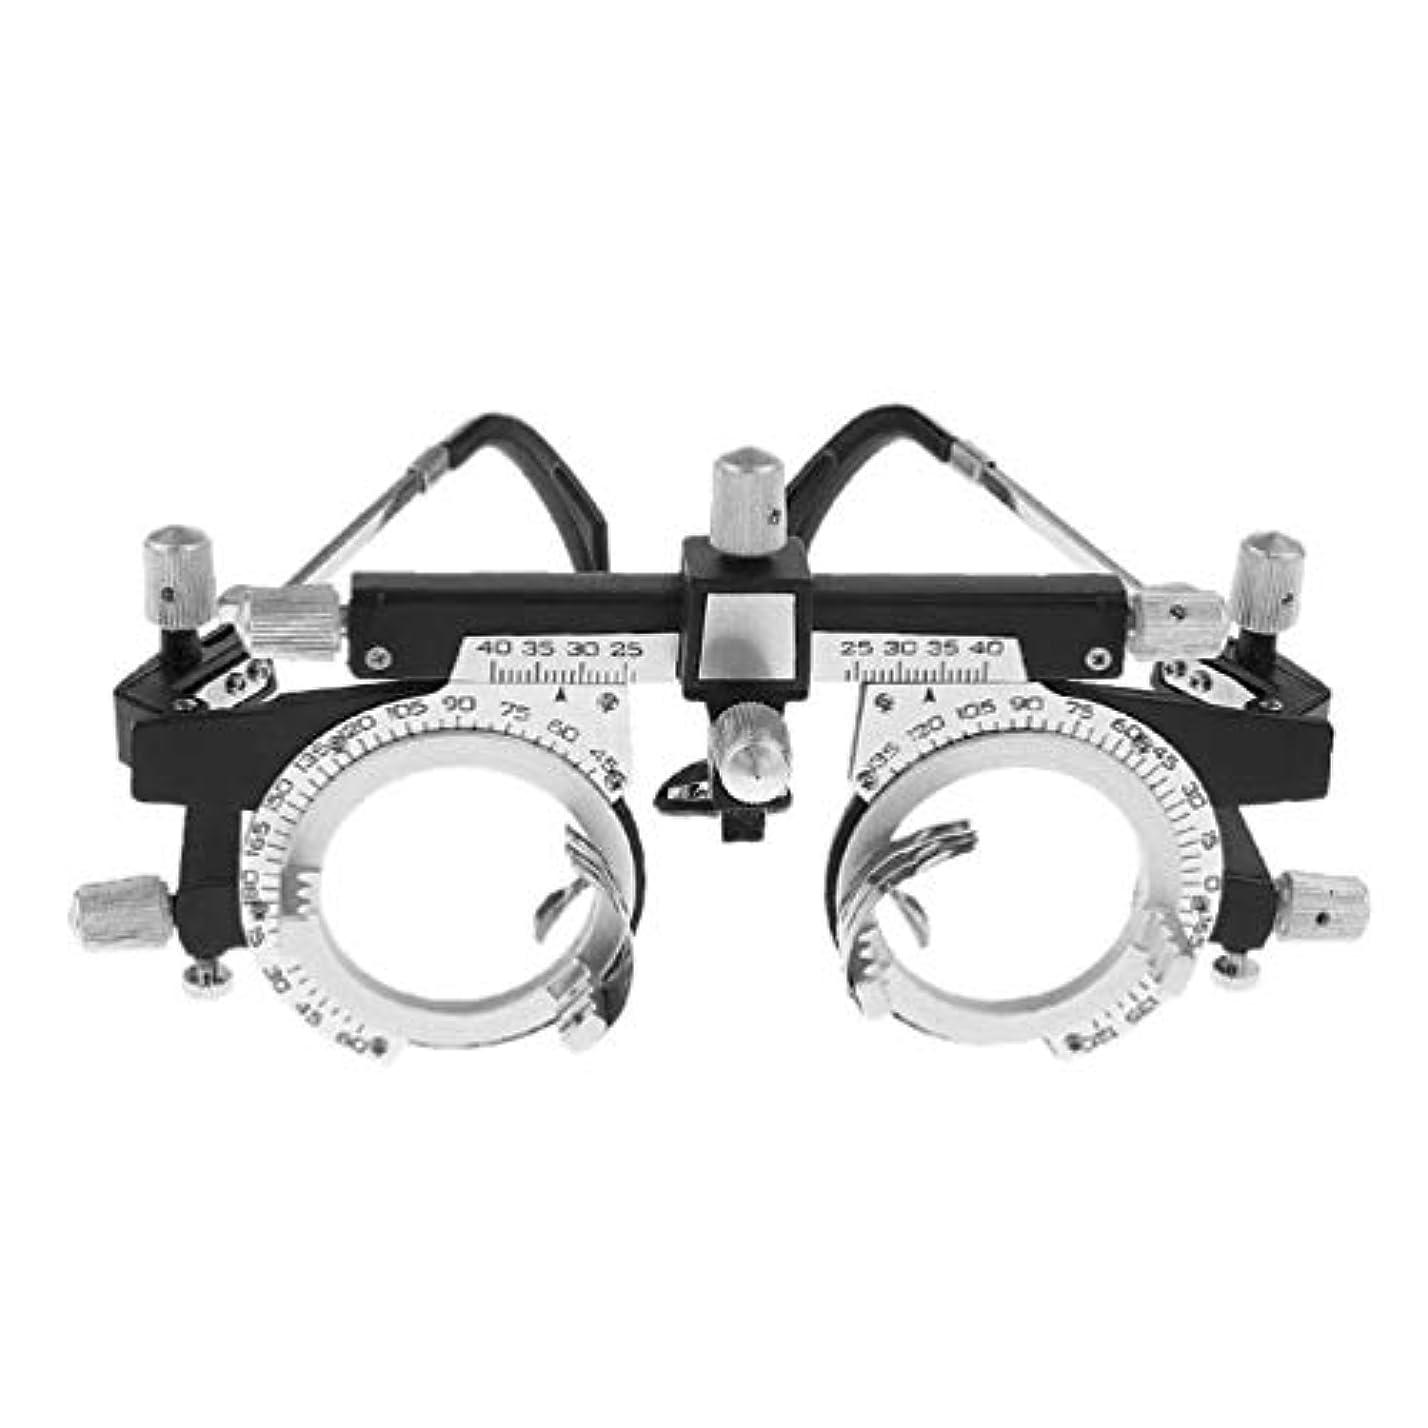 望遠鏡スプリットデコラティブ調節可能なプロフェッショナルアイウェア検眼メタルフレーム光学オプティクストライアルレンズメタルフレームPDメガネアクセサリー - シルバー&ブラック